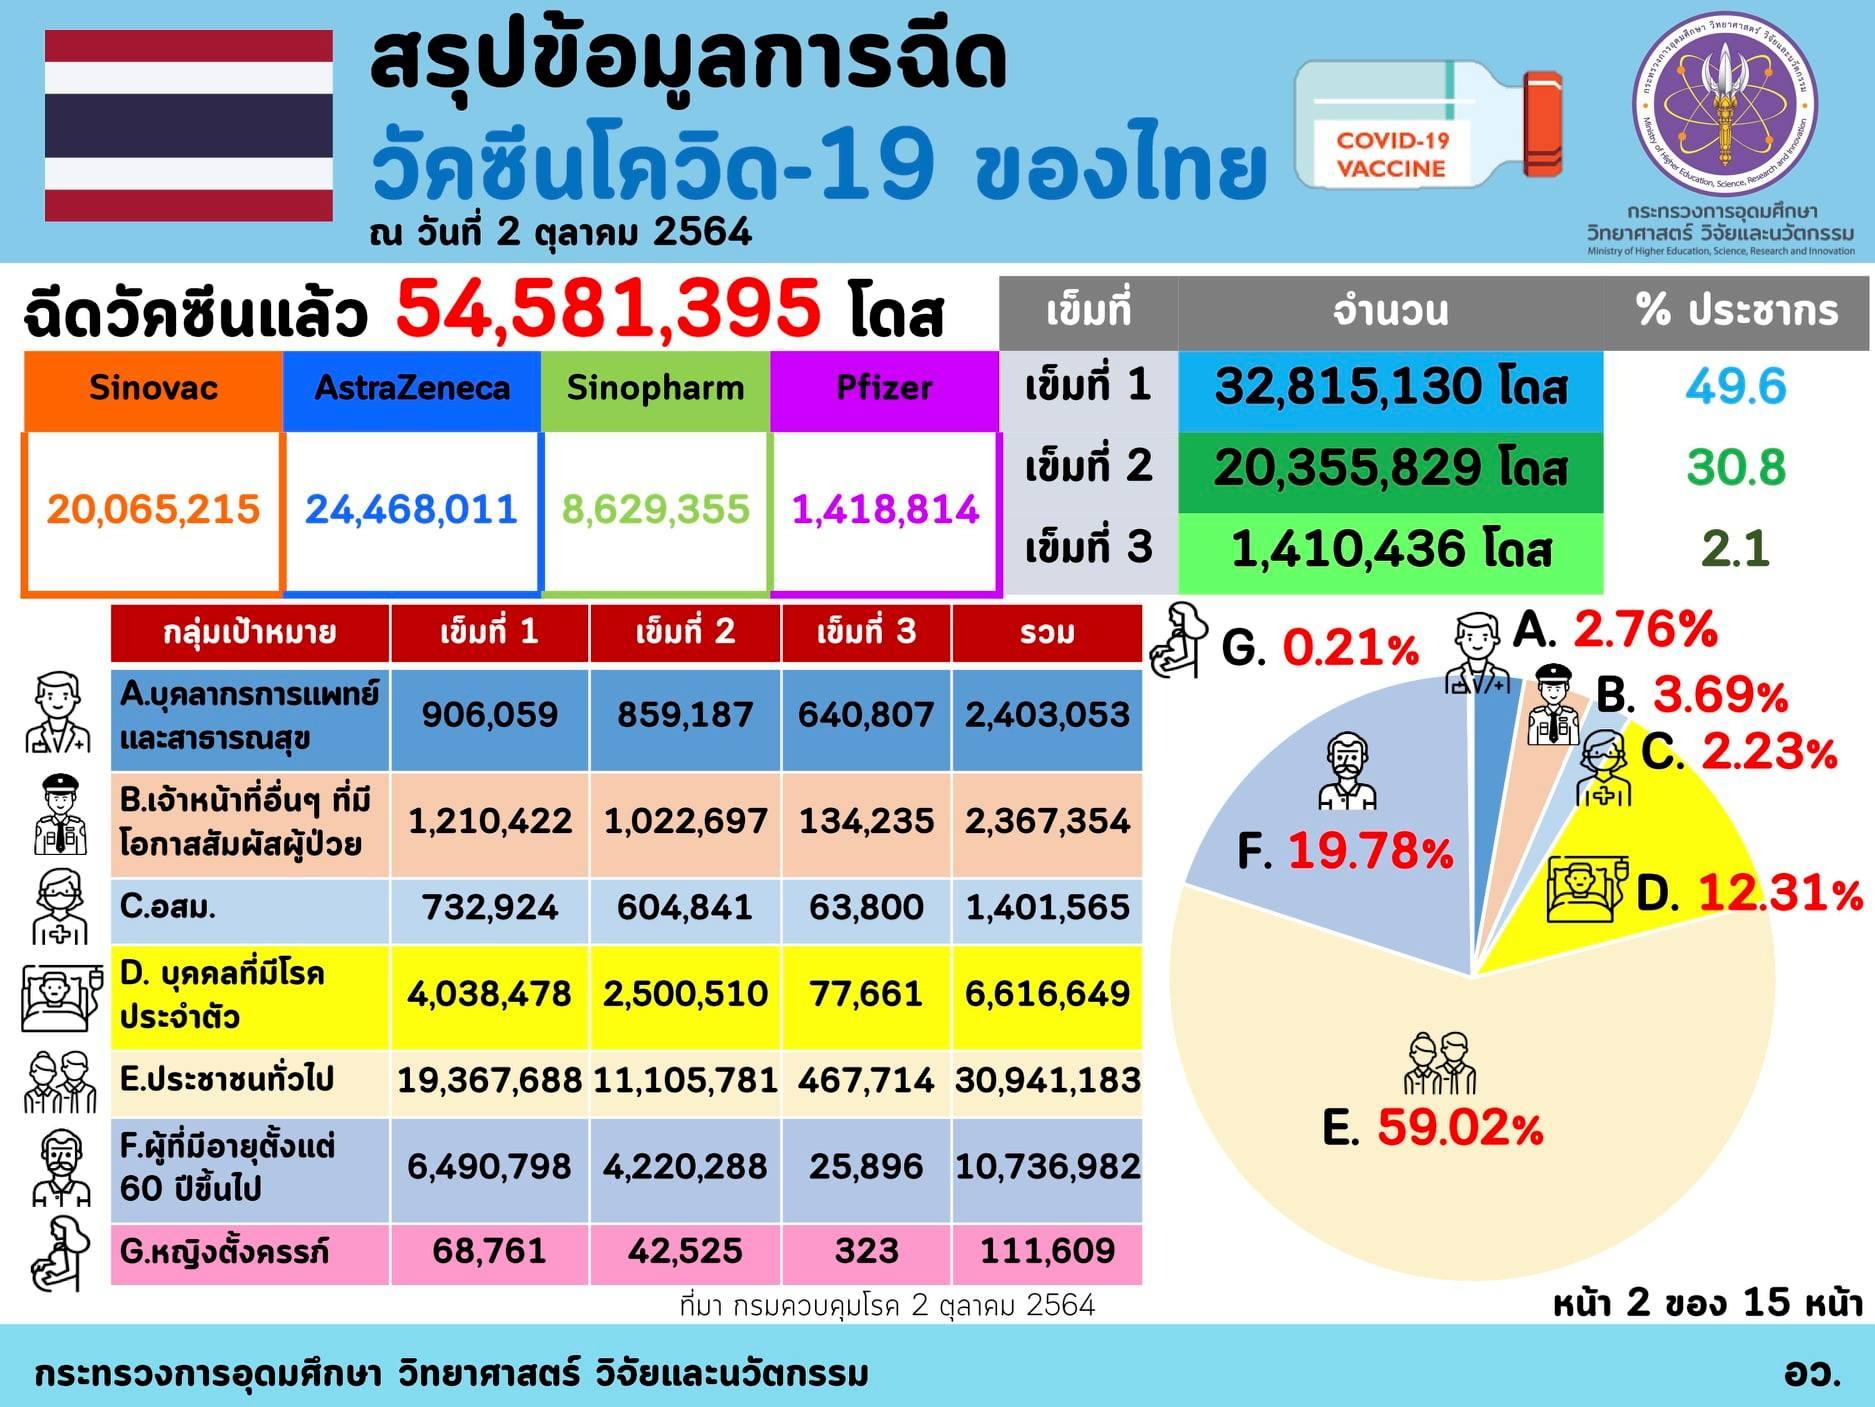 Infographic/Quote - อว. เผยฉีดวัคซีนของไทย ณ วันที่ 2 ตุลาคม ฉีดวัคซีนแล้ว  54,581,395 โดส และทั่วโลกแล้ว 6,308 ล้านโดส ใน 205 ประเทศ/เขตปกครอง  ส่วนอาเซียนฉีดแล้วทุกประเทศ รวมกันกว่า 386,15 ล้านโดส  โดยจังหวัดของไทยที่ฉีดมากที่สุด คือ กรุงเทพฯ โดยฉีด ...